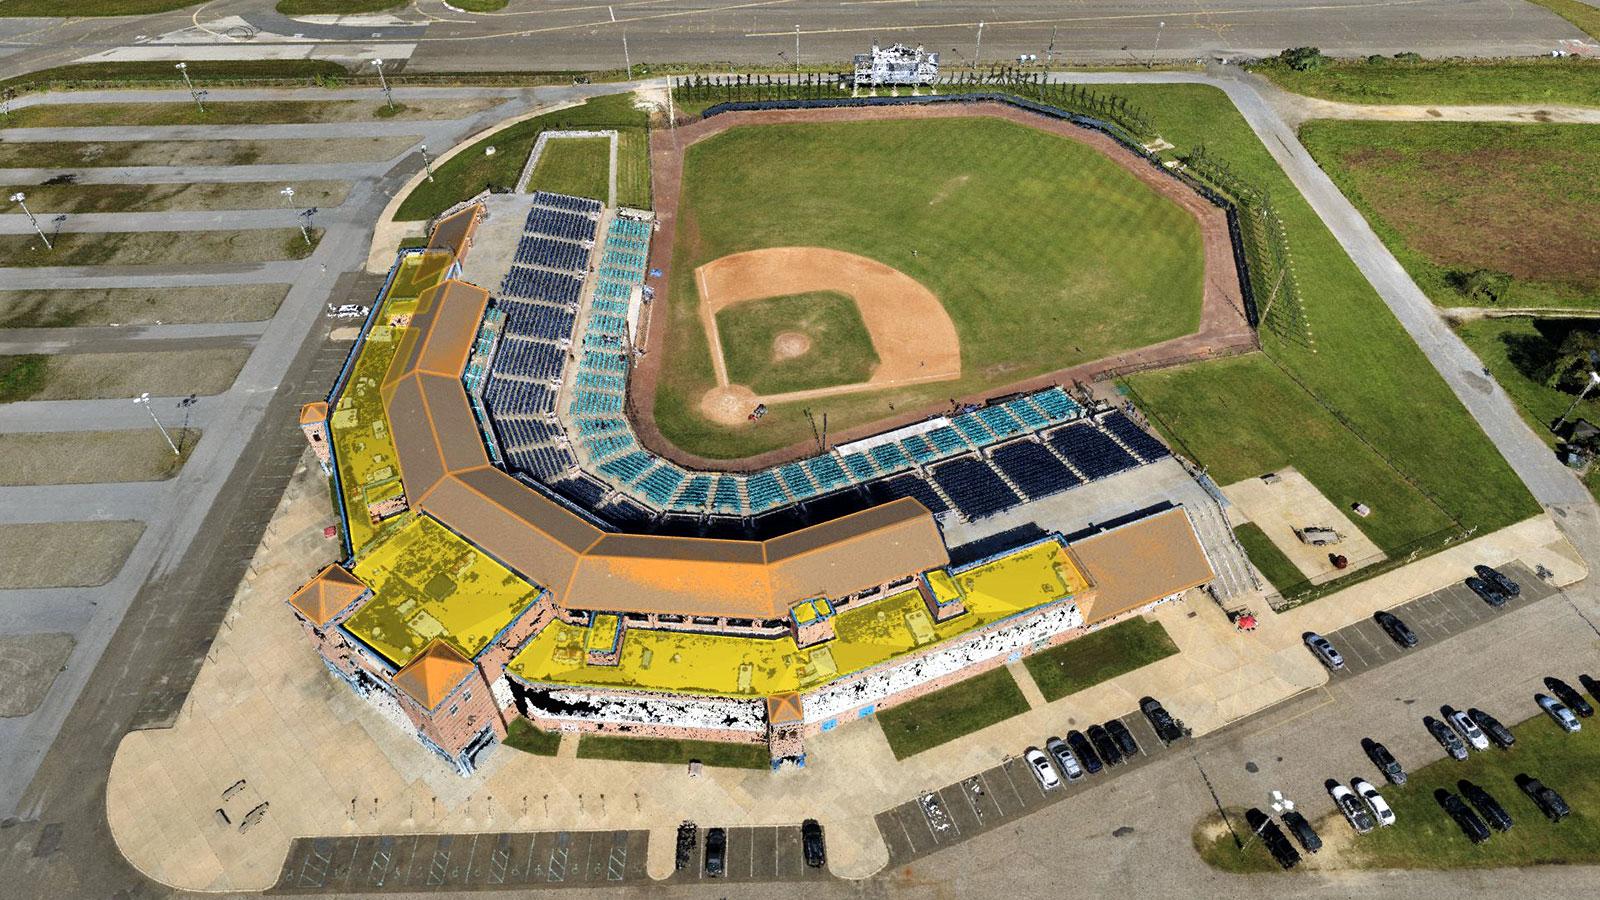 A baseball field at Bader Field